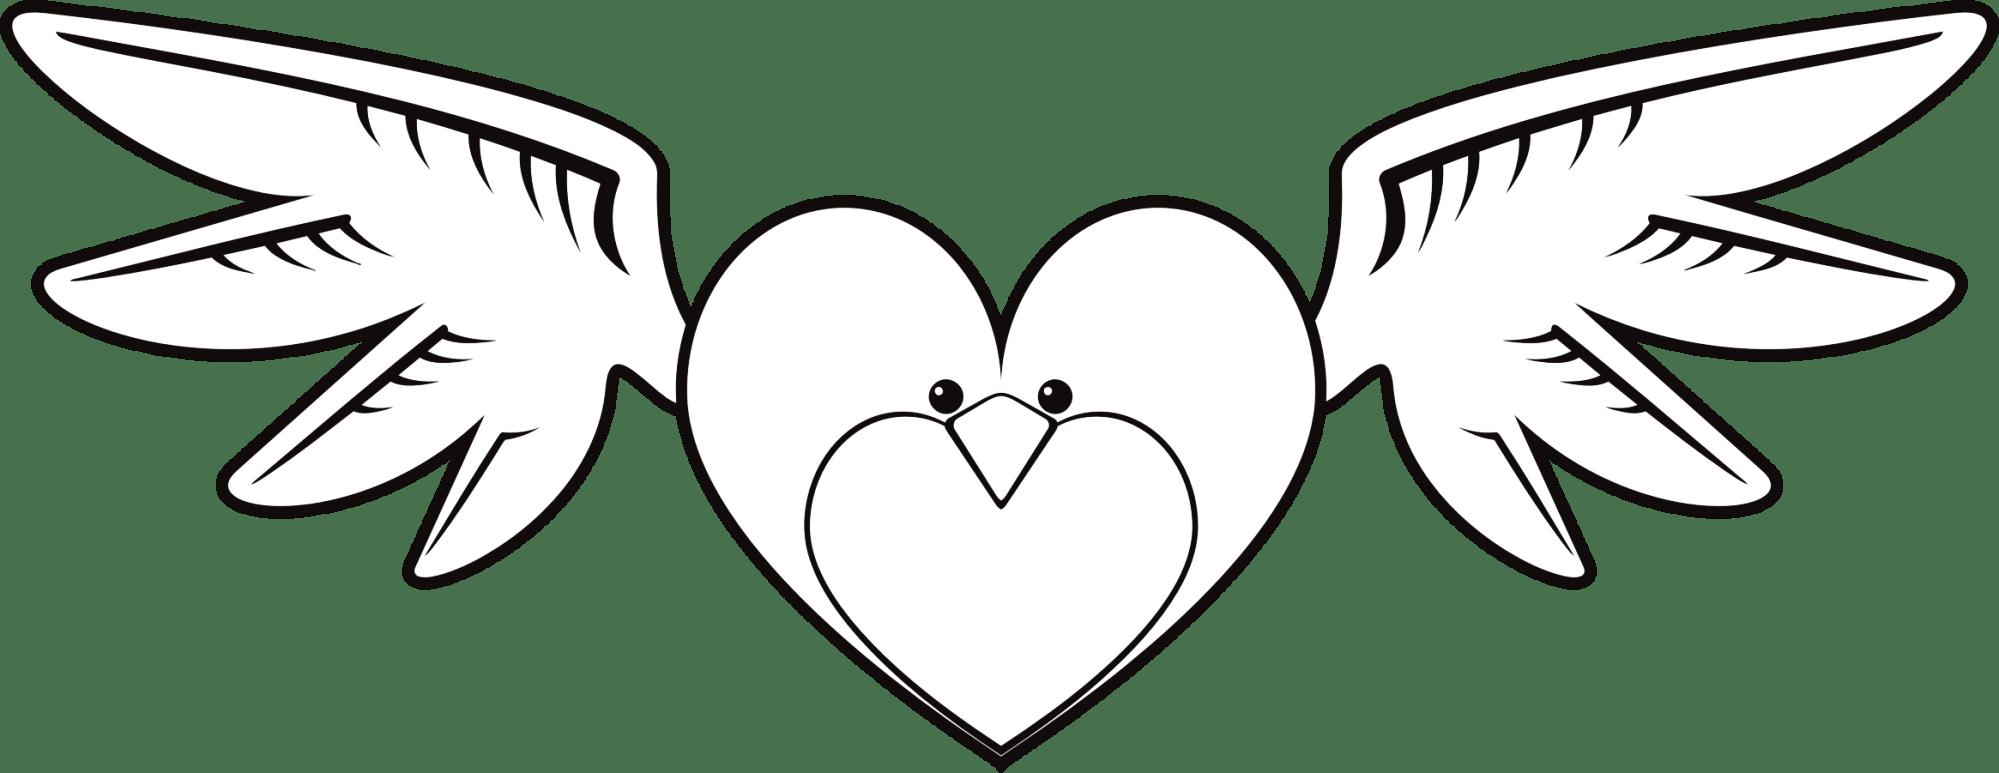 hight resolution of clipart face big bird heart line art image